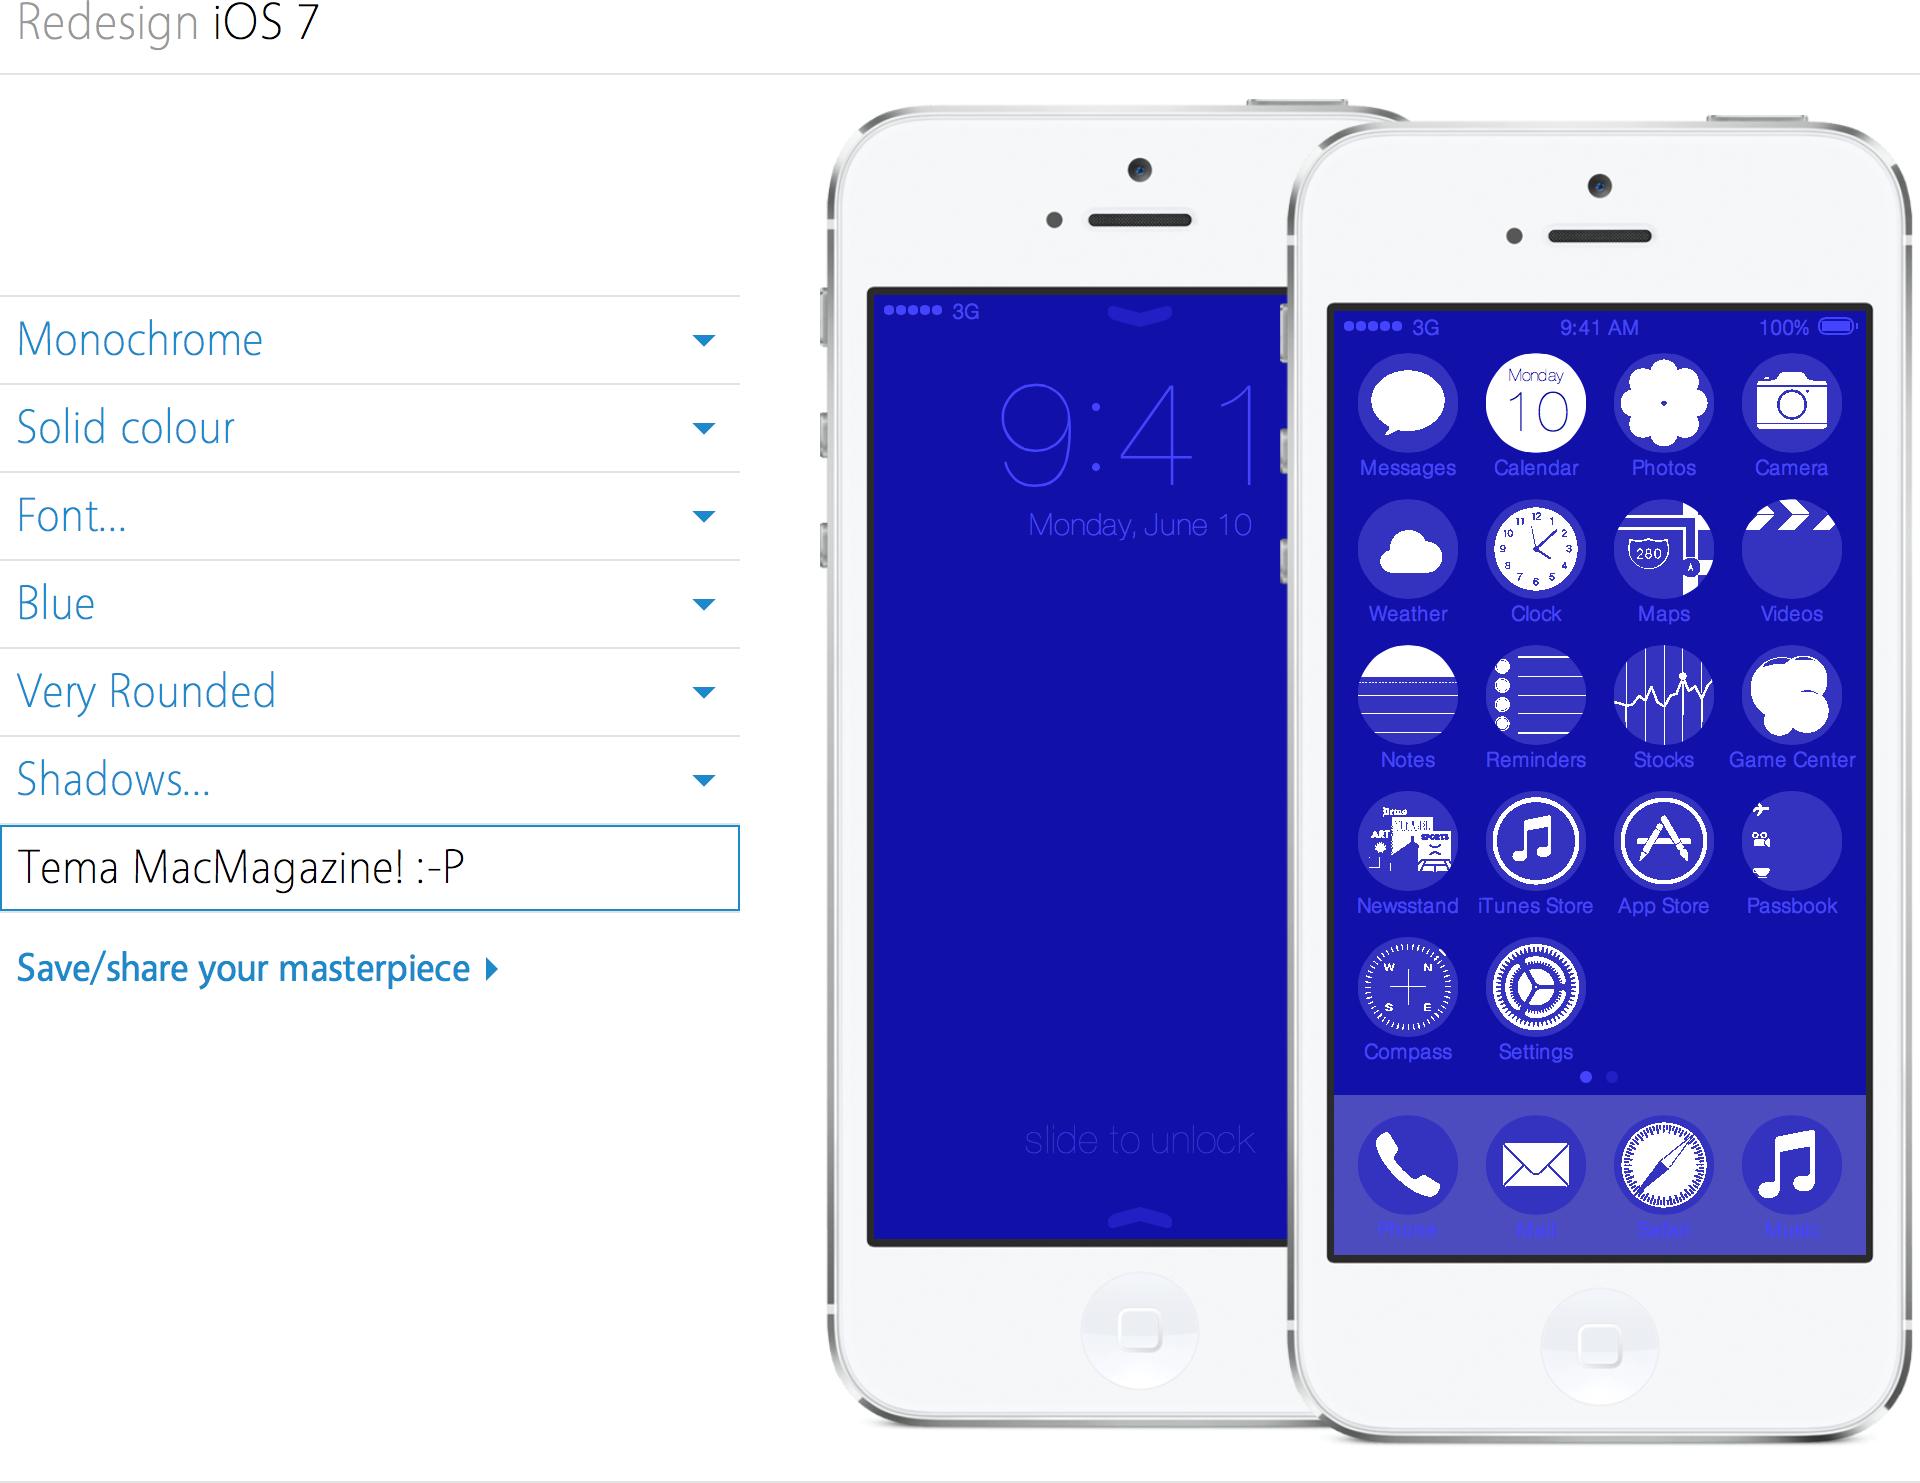 Redesign iOS 7